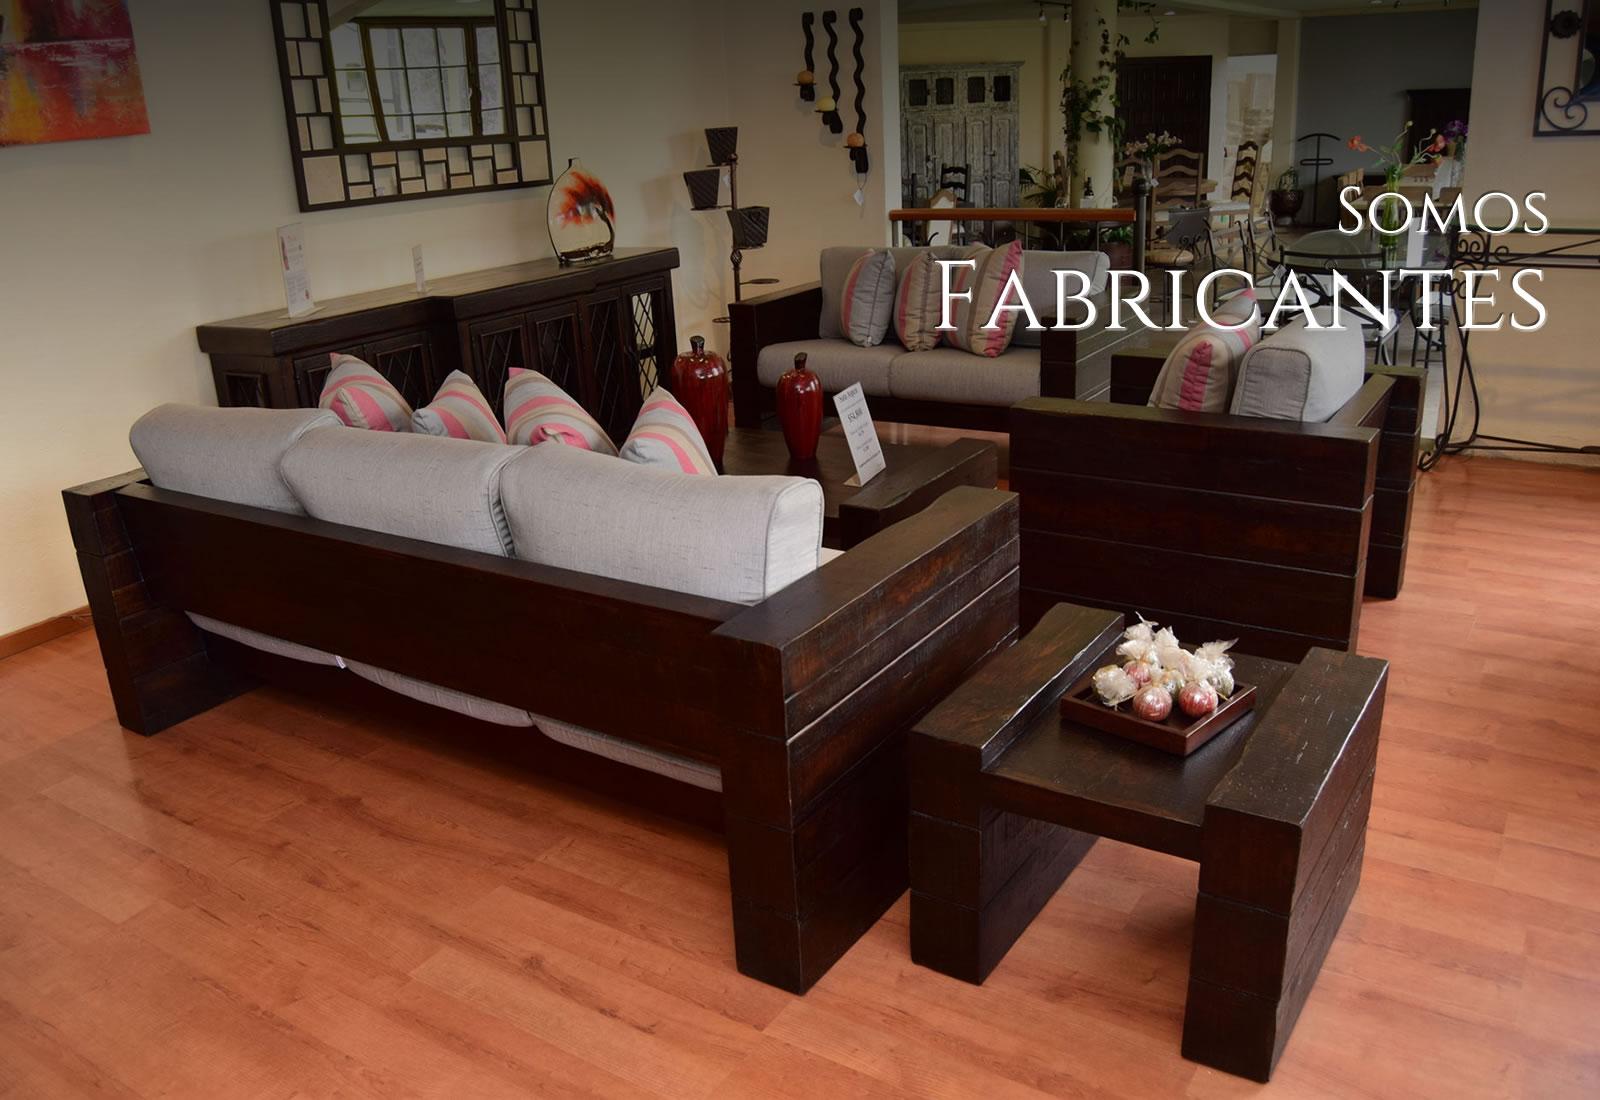 Ferrazzi fabricantes de muebles en forja m rmol y madera for Muebles fabricantes